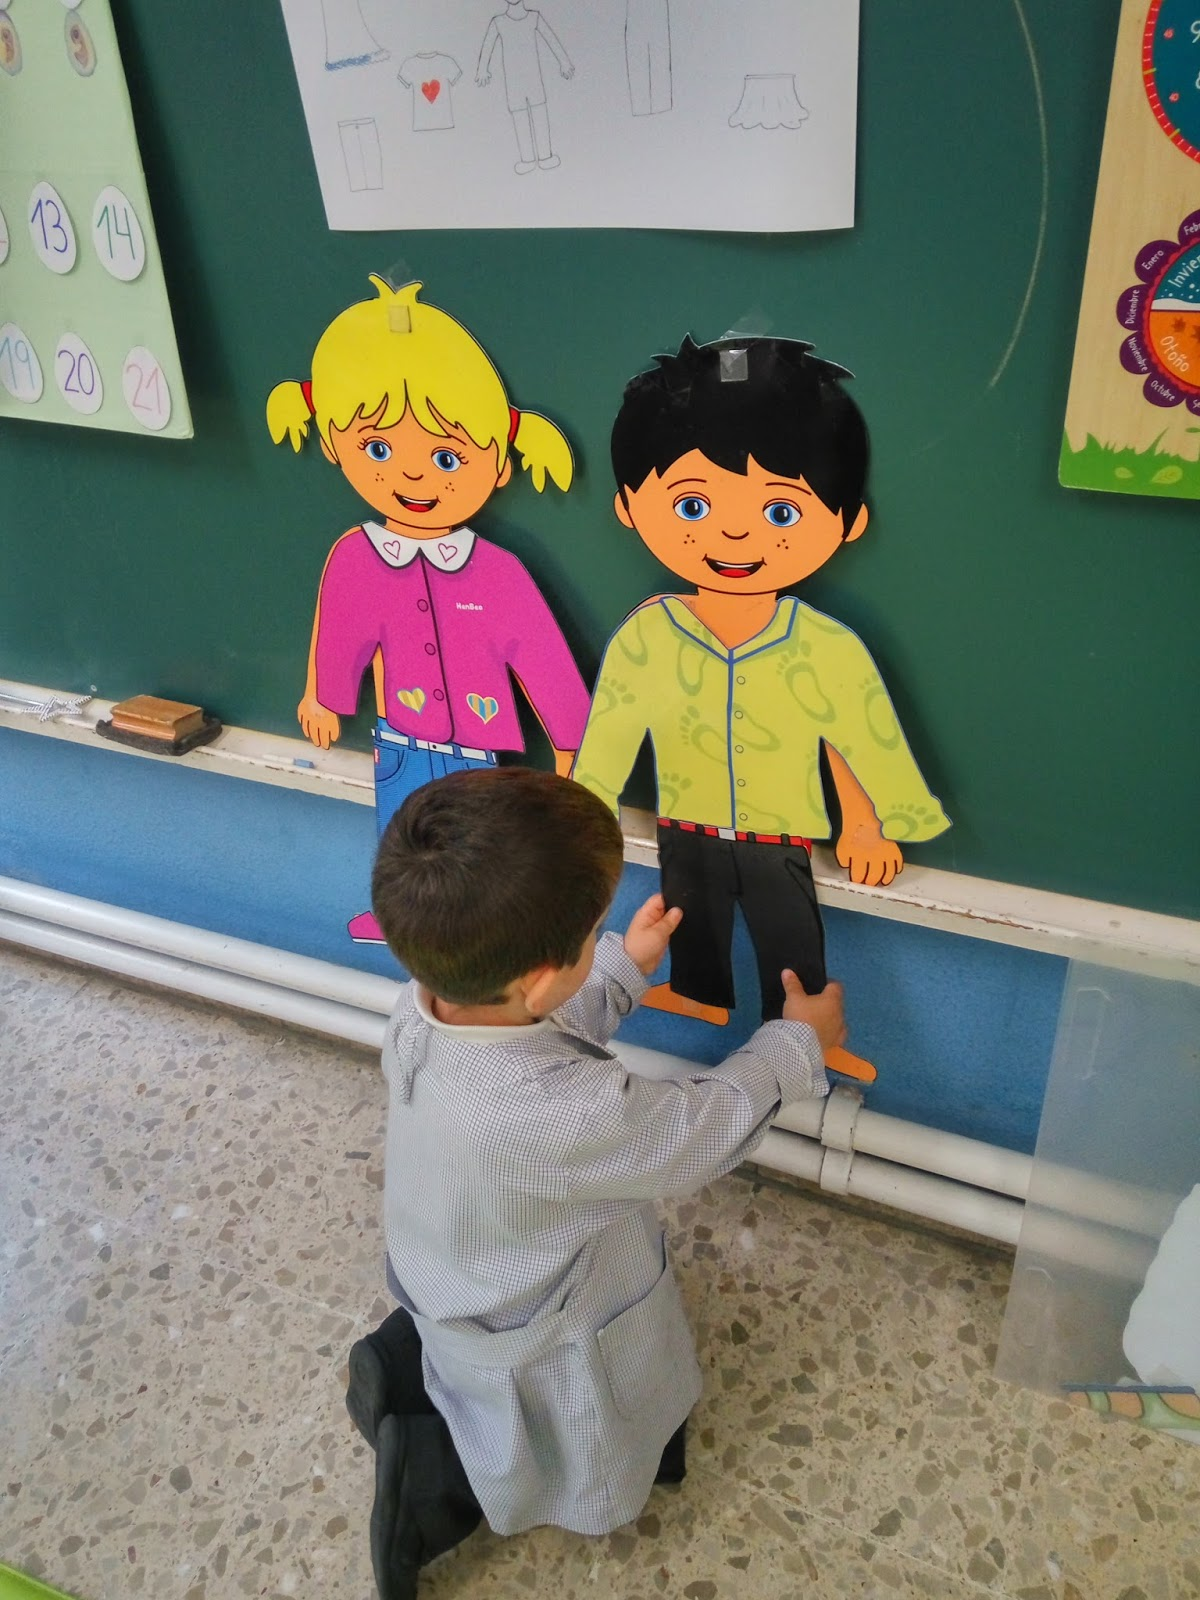 Agustinas Valladolid - 2017 - Infantil 3 - Estereotipos 2